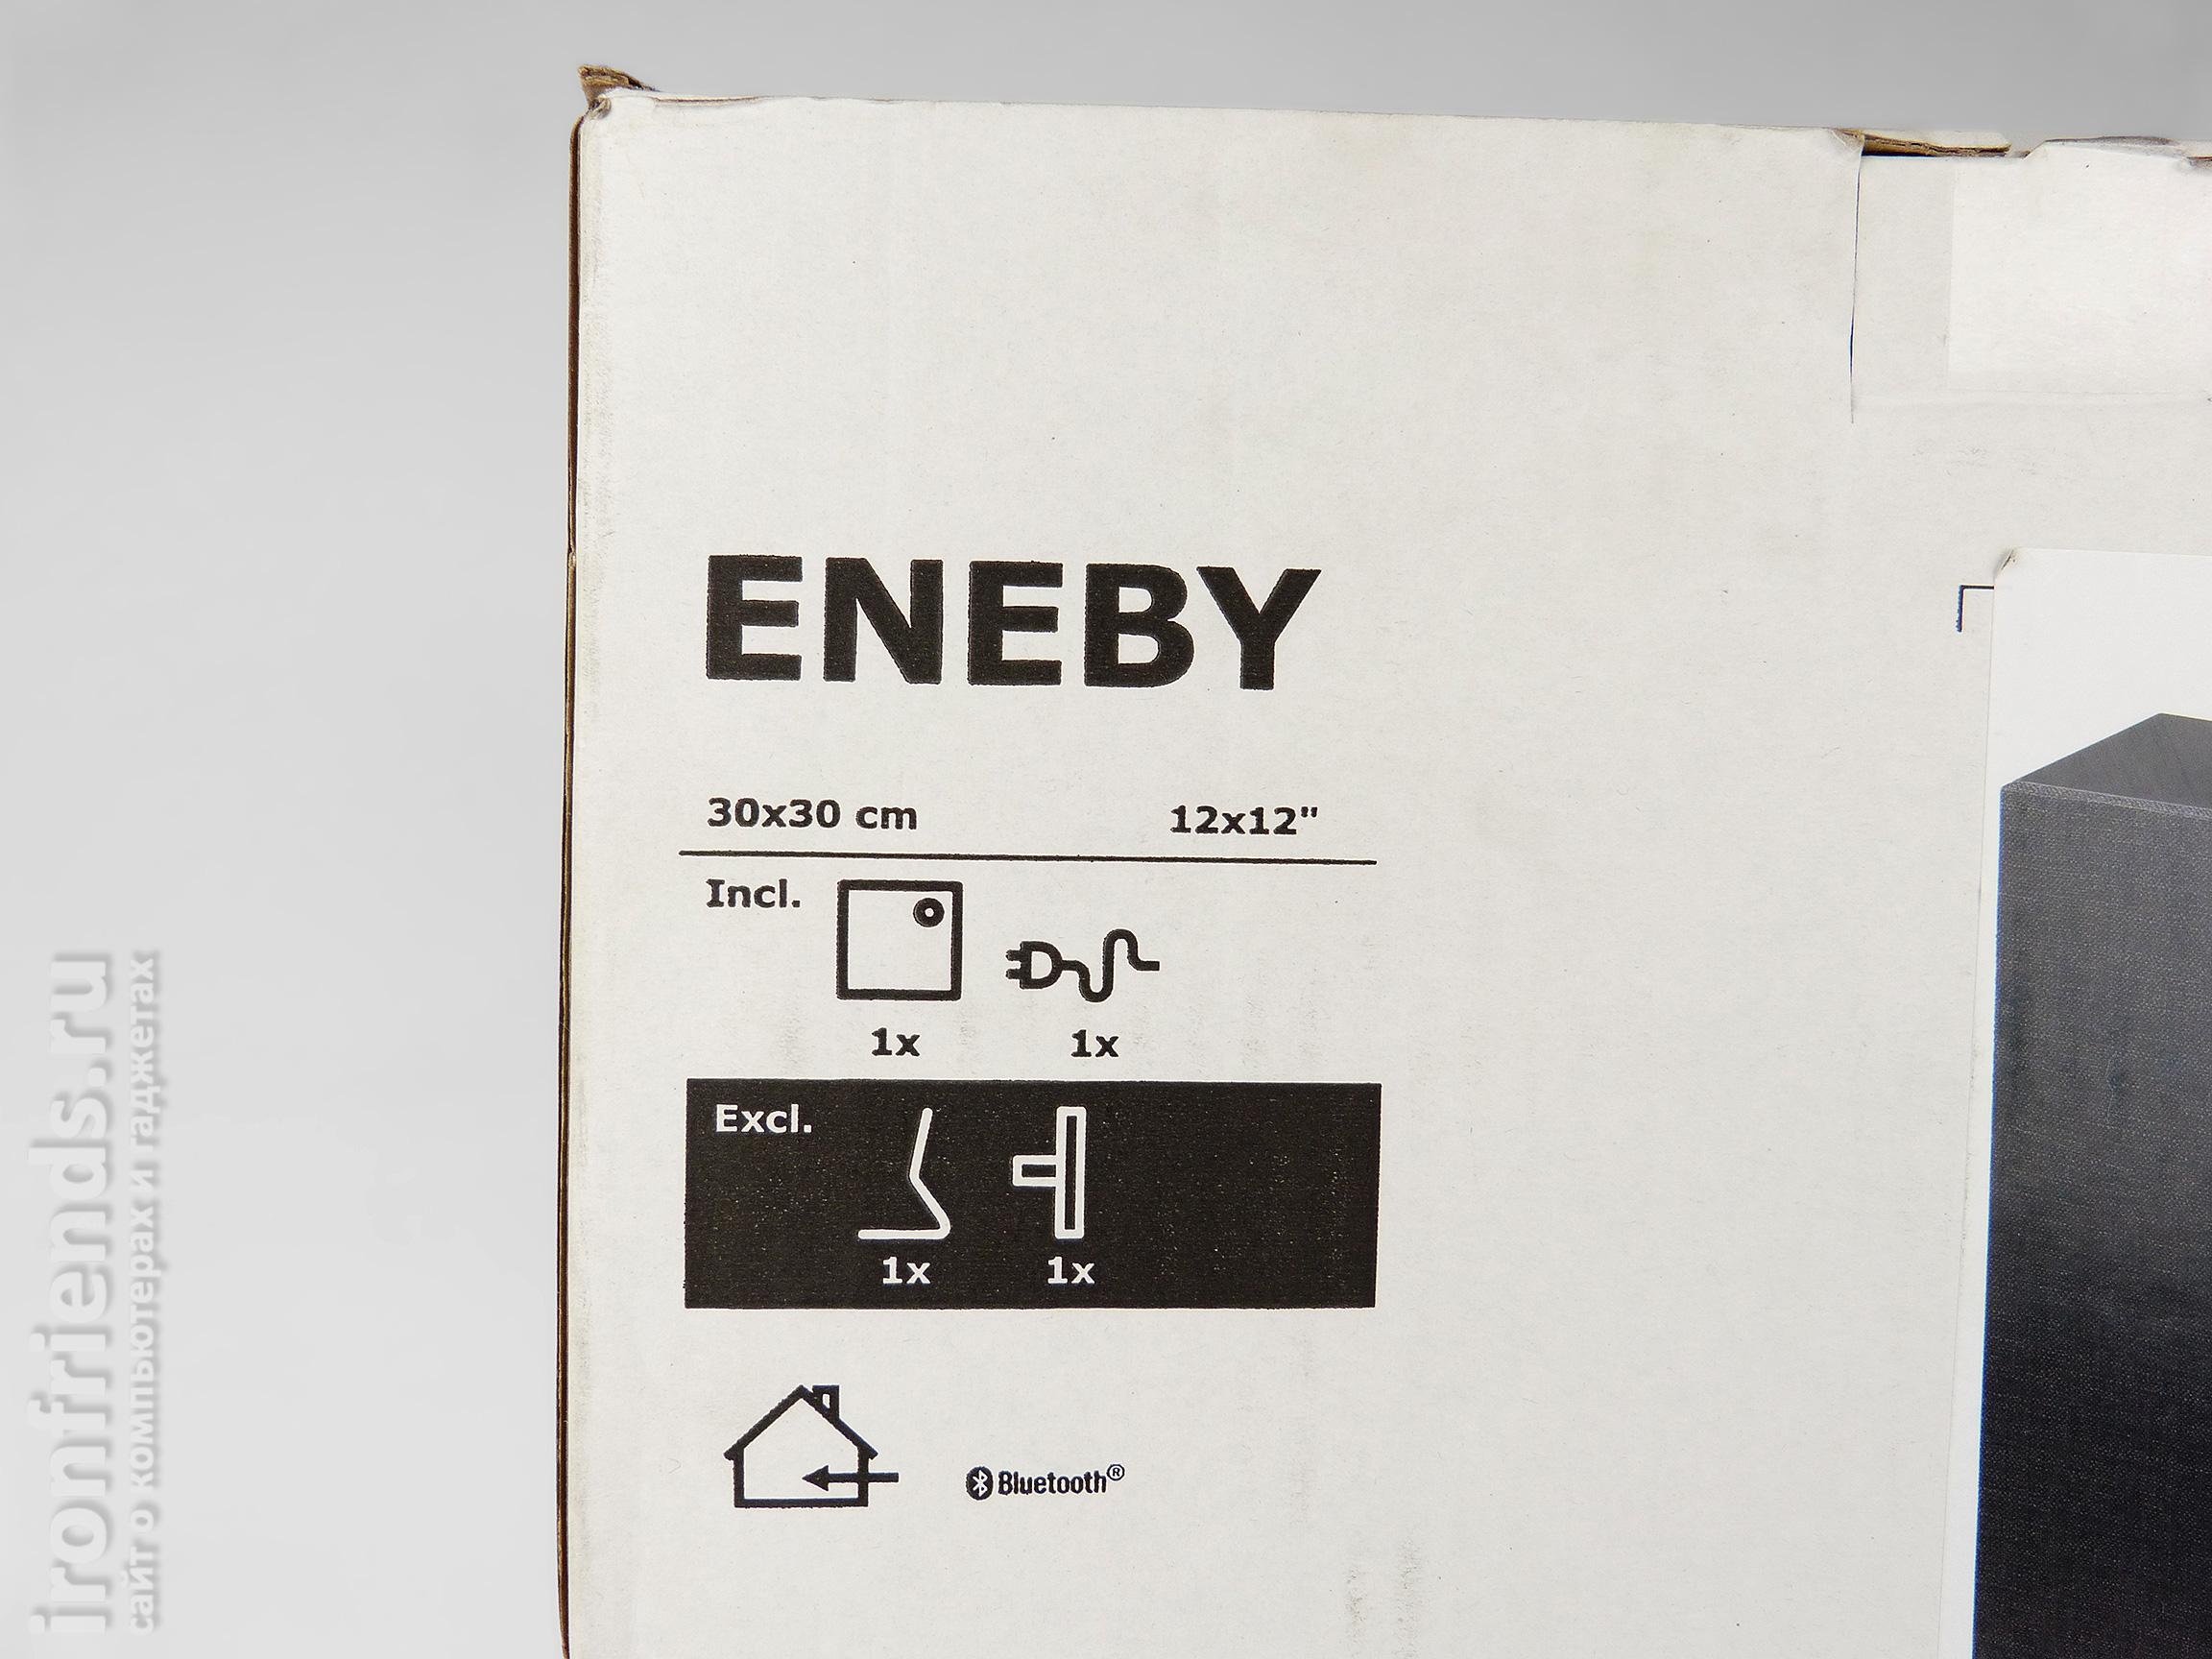 Упаковка ENEBY 30